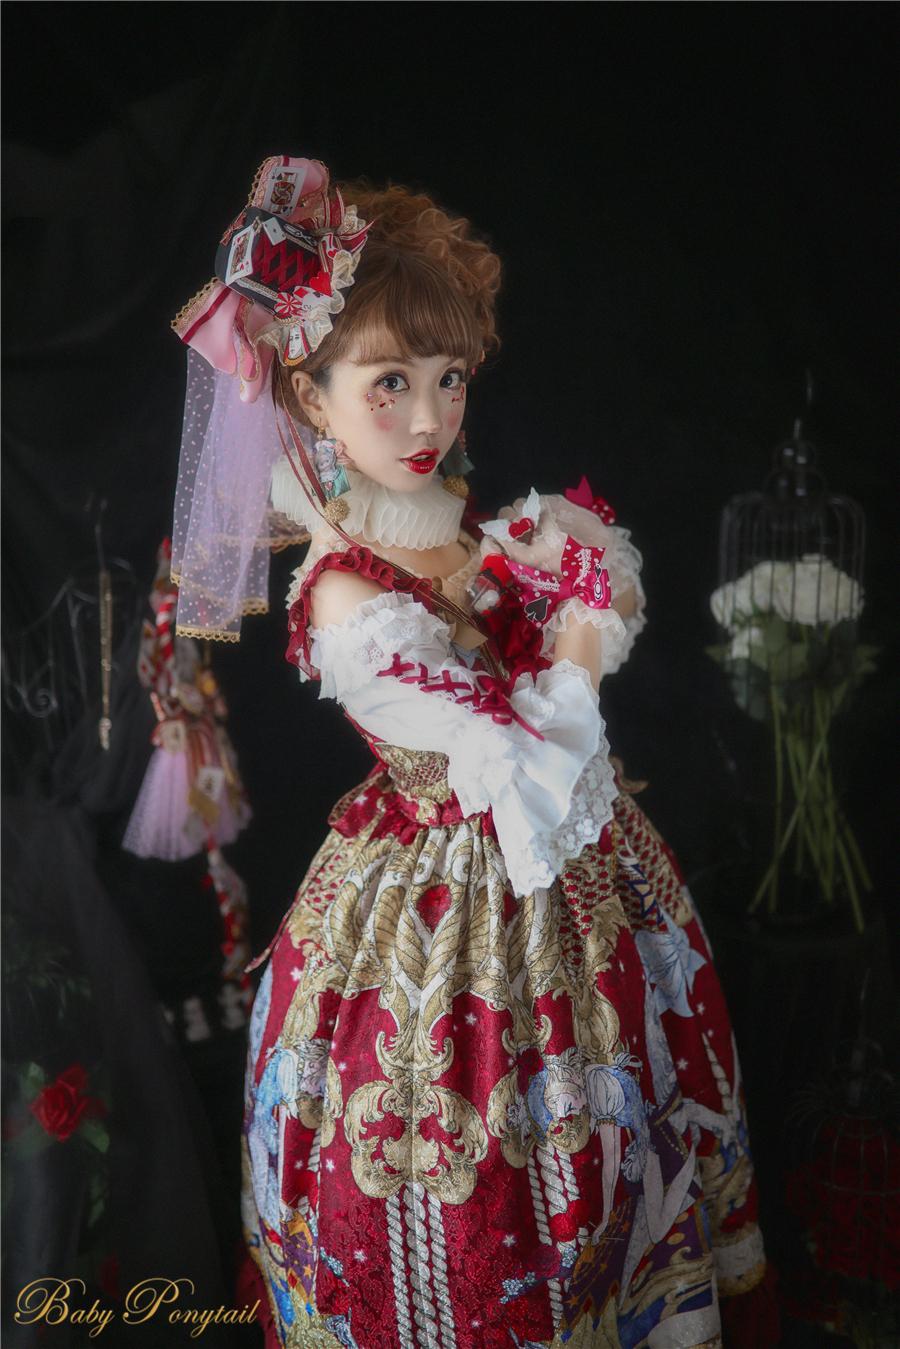 Baby Ponytail_Circus Princess_Red JSK_Kaka_13.jpg